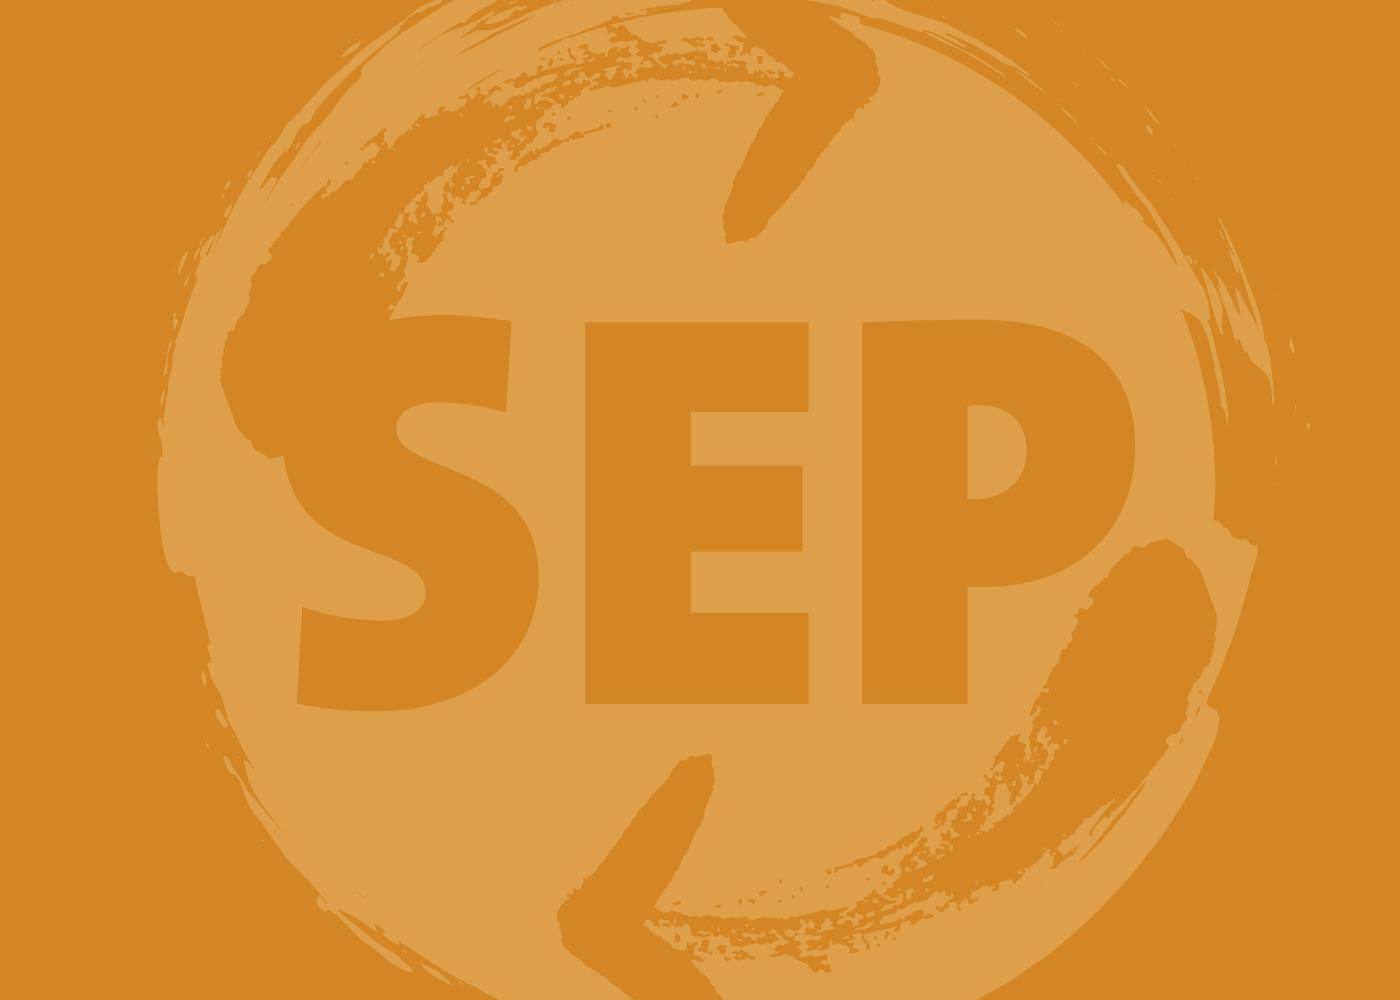 SEP = Sharing Energy